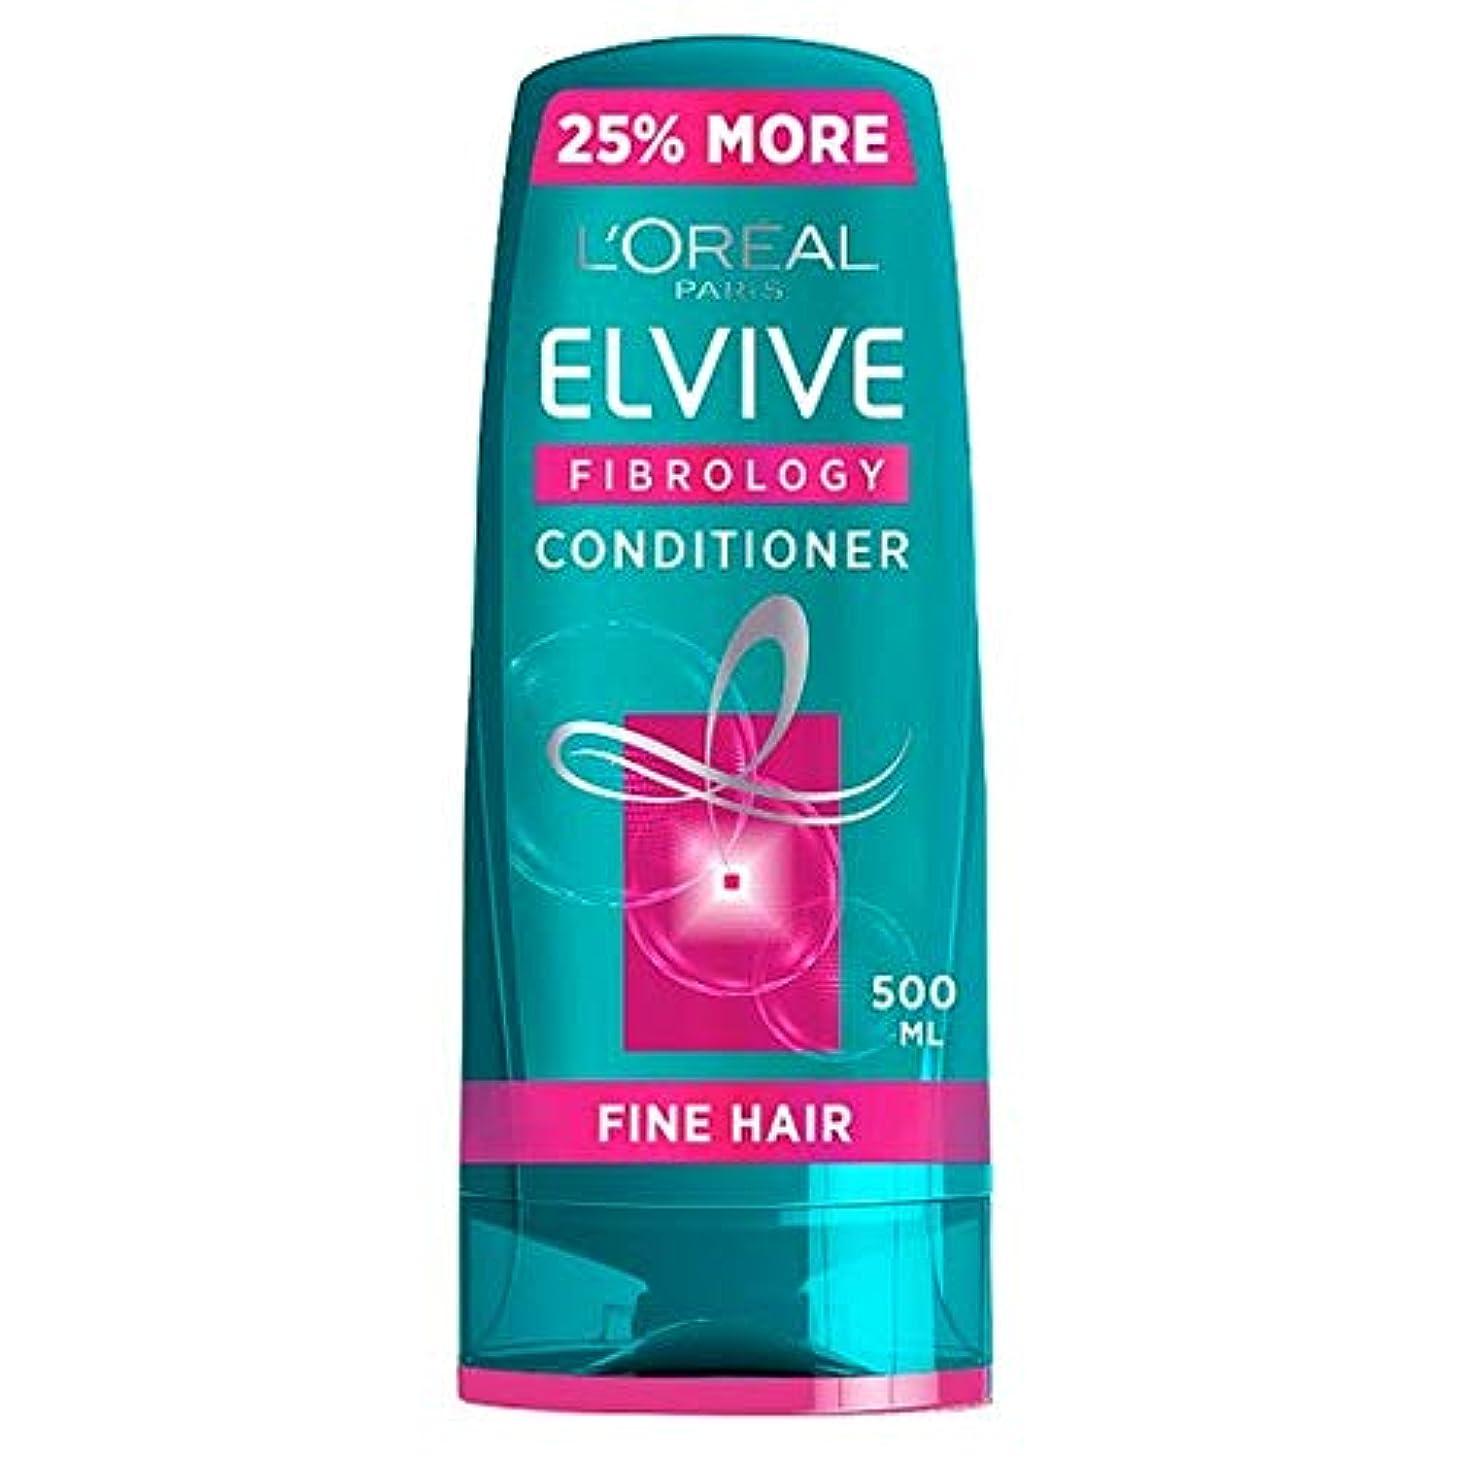 ブラインド逃げる存在[Elvive] ロレアルElvive Fibroligy細いヘアコンディショナー500ミリリットル - L'oreal Elvive Fibroligy Fine Hair Conditioner 500Ml [並行輸入品]